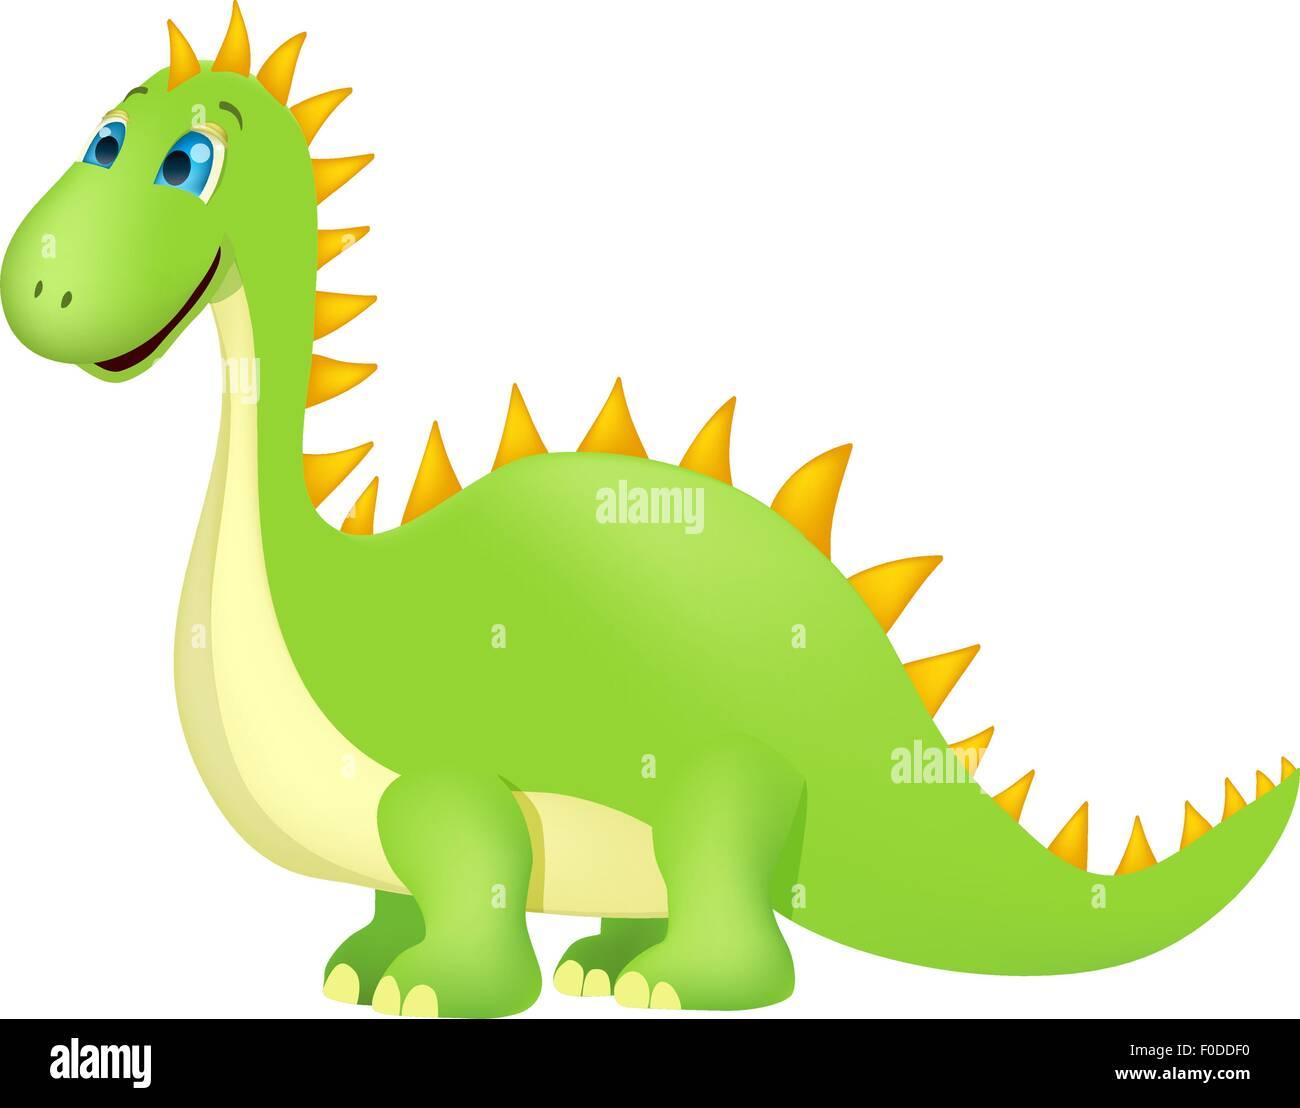 Caricatura Dinosaurio Vector Sobre Blanco Imagen Vector De Stock Alamy Entrá y conocé nuestras increíbles ofertas y promociones. https www alamy es foto caricatura dinosaurio vector sobre blanco 86347828 html